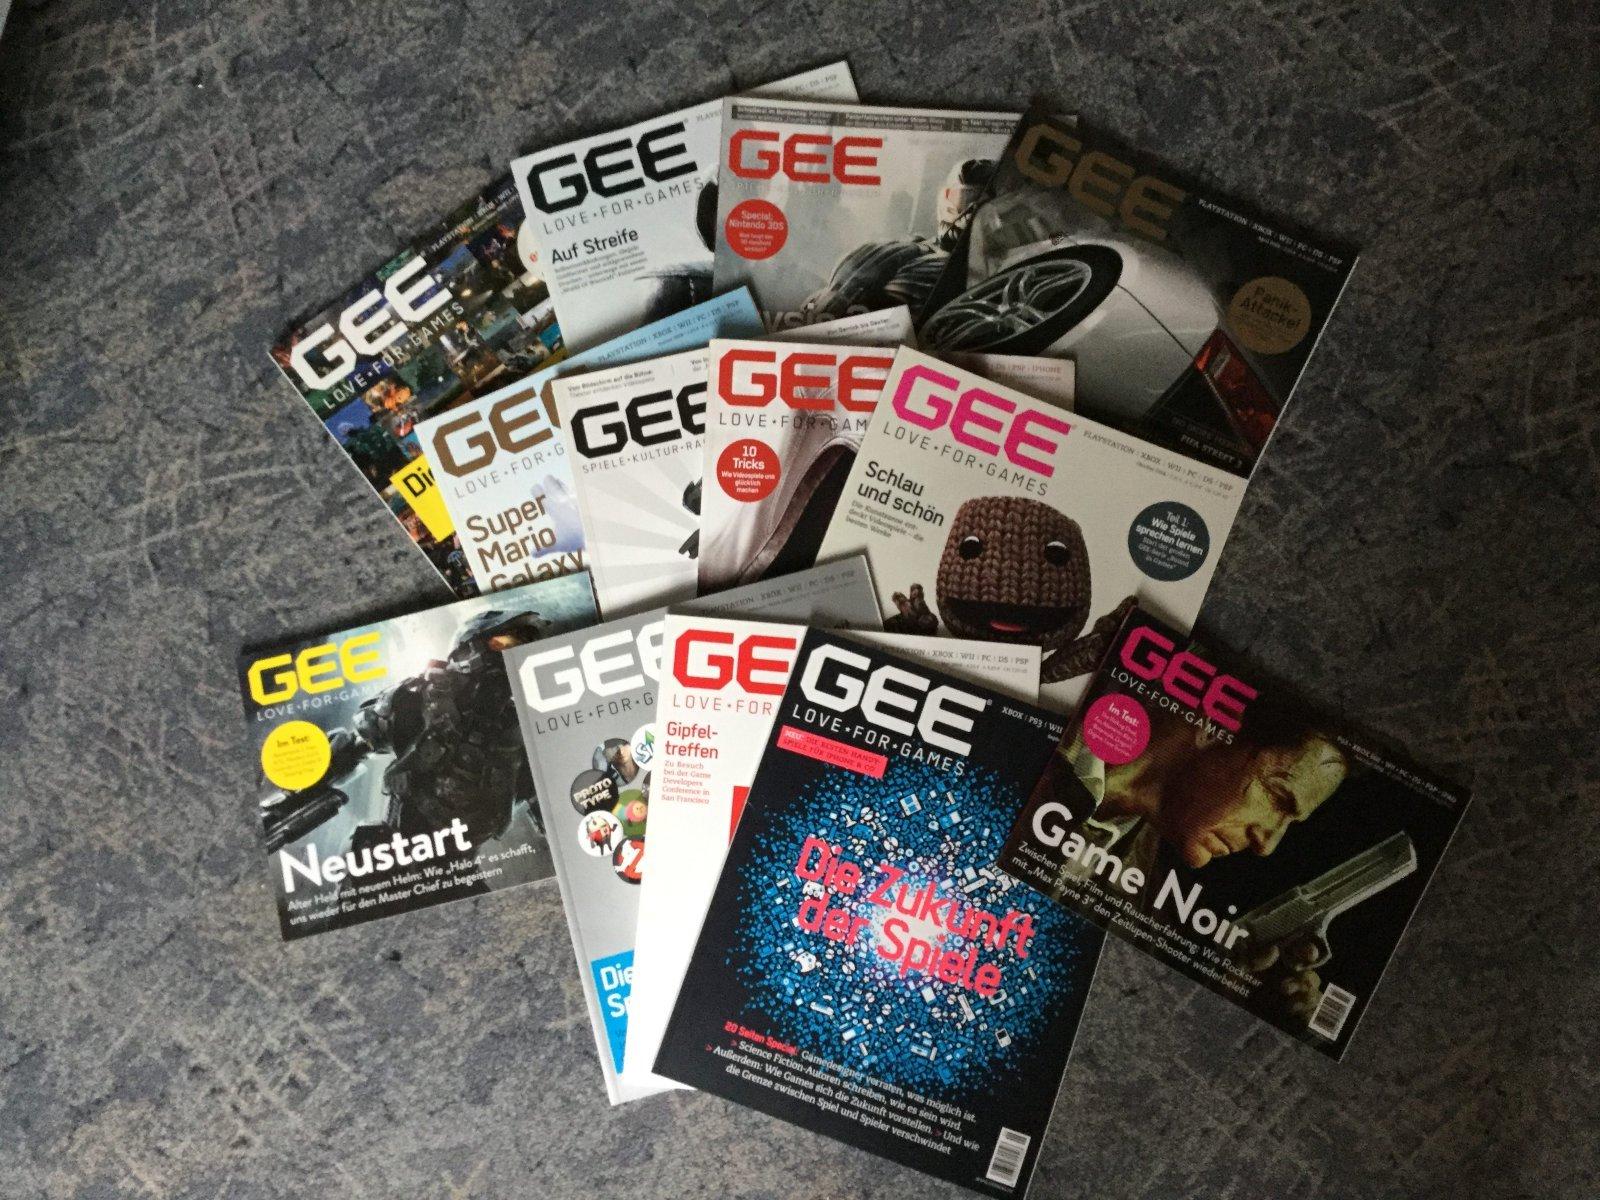 Die GEE hat mir gezeigt, dass Spiele auch Kultur sind. (Bild: Lennart Koch)